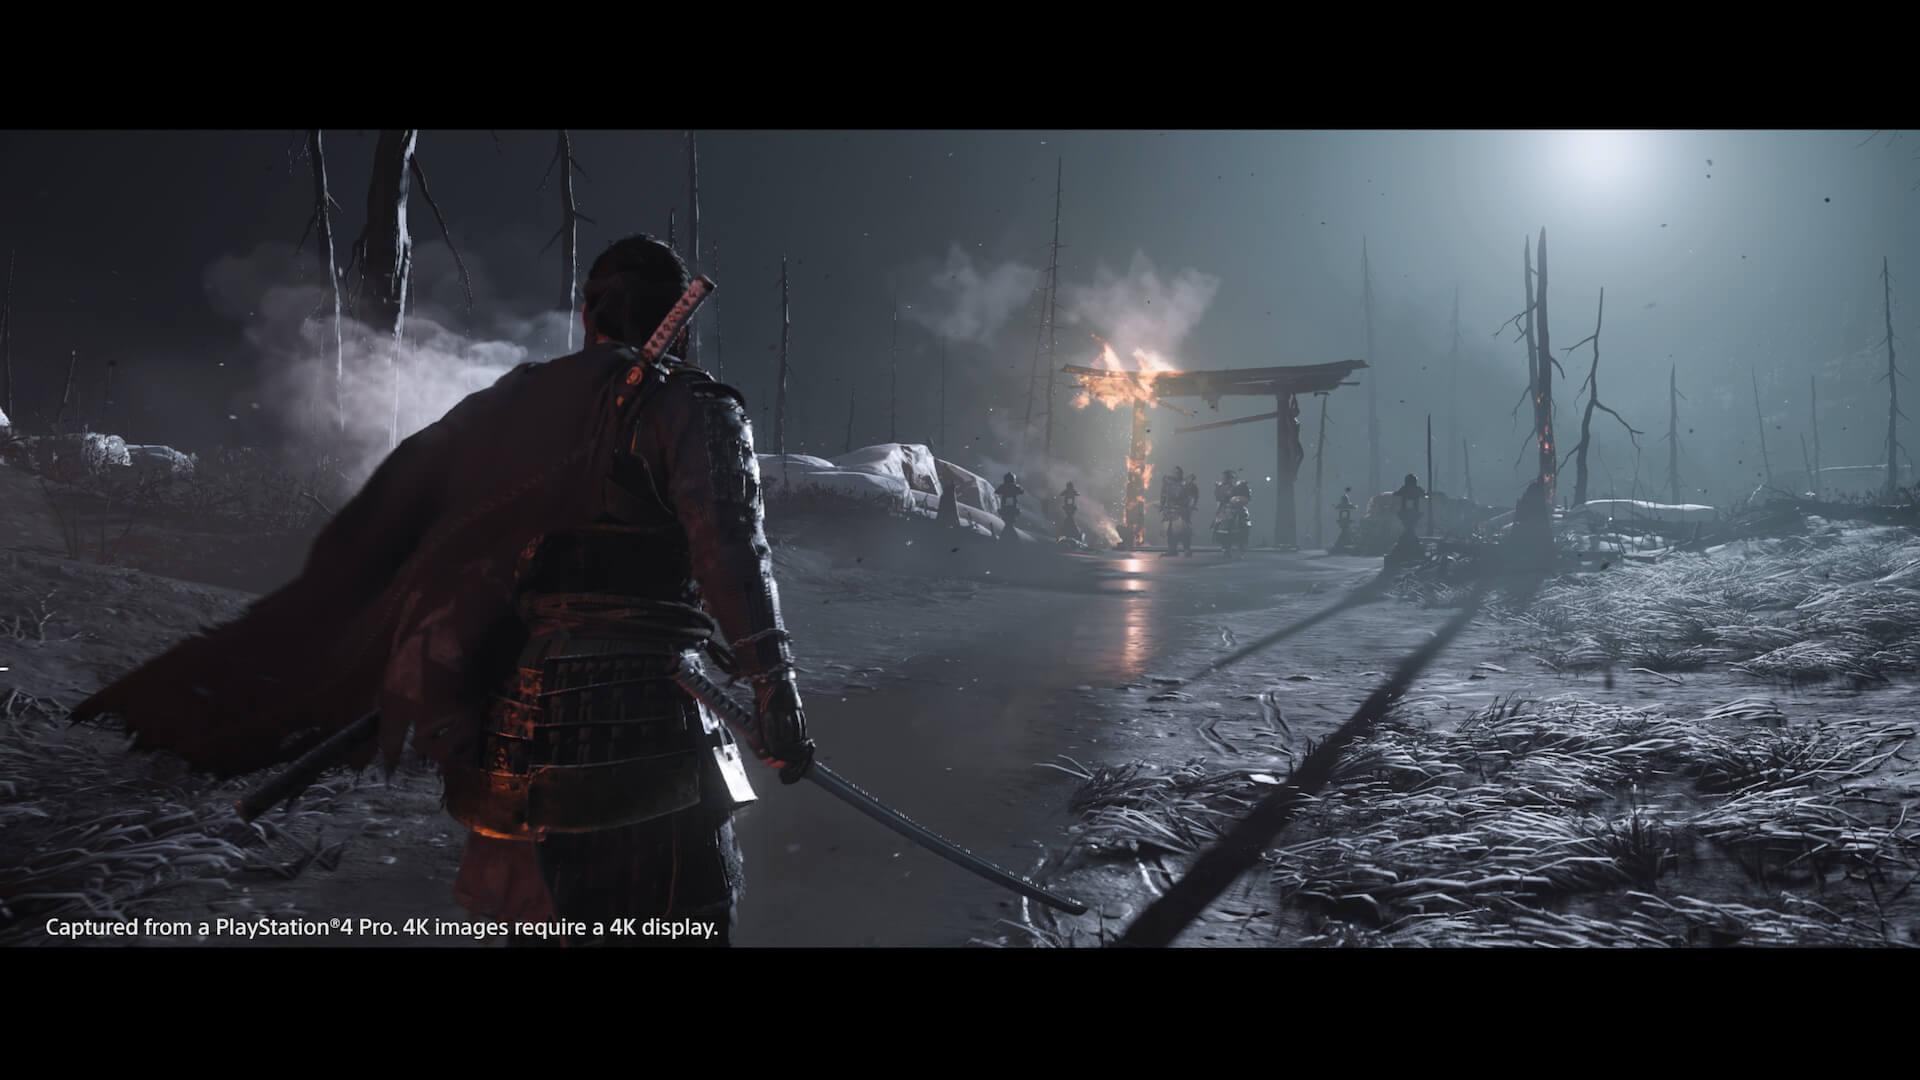 新感覚のオープンワールド時代劇を体感せよ!PS4専用ソフト『Ghost of Tsushima』がついに本日発売 tech200717_ghostoftsushima_11